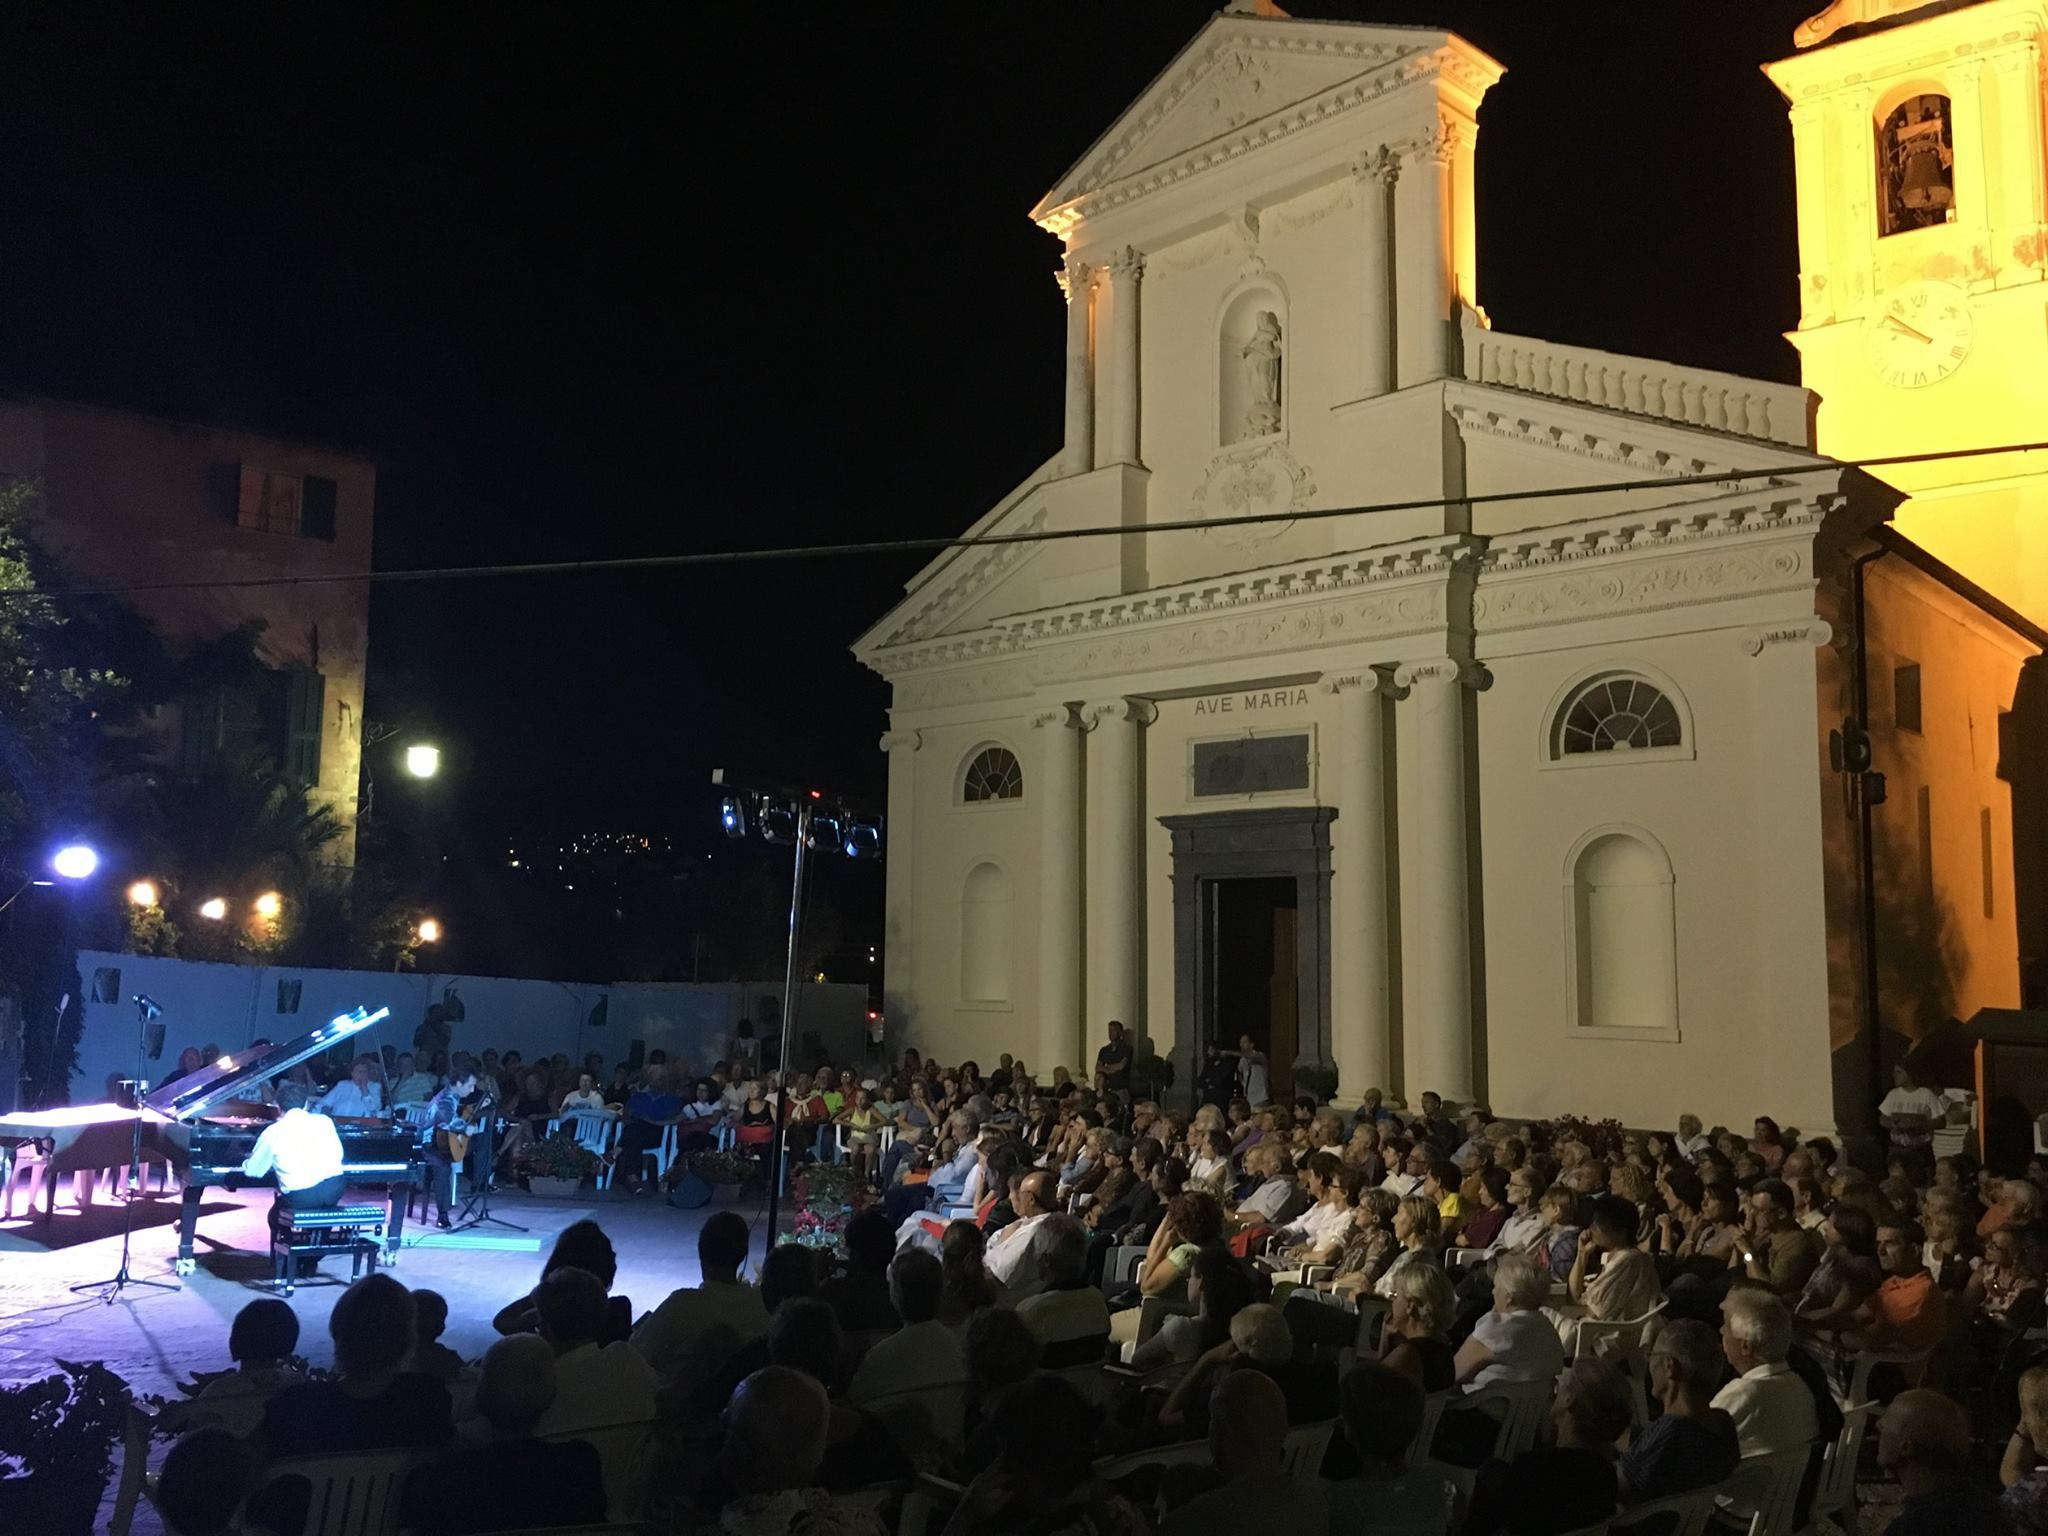 Dal 29 luglio al 3 agosto la grande musica a San Bartolomeo al Mare